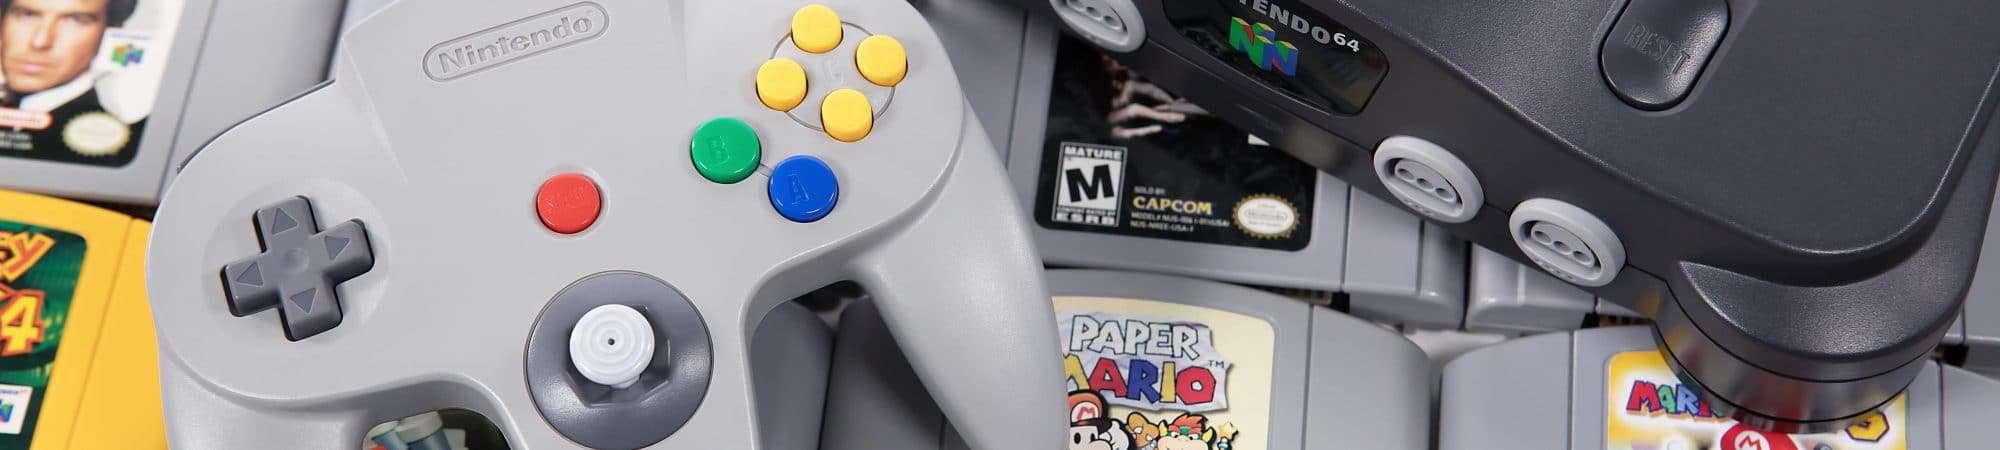 Nintendo 64 faz 25 anos: relembre sucesso do console e dos seus jogos. Imagem: robtek / Shutterstock.com